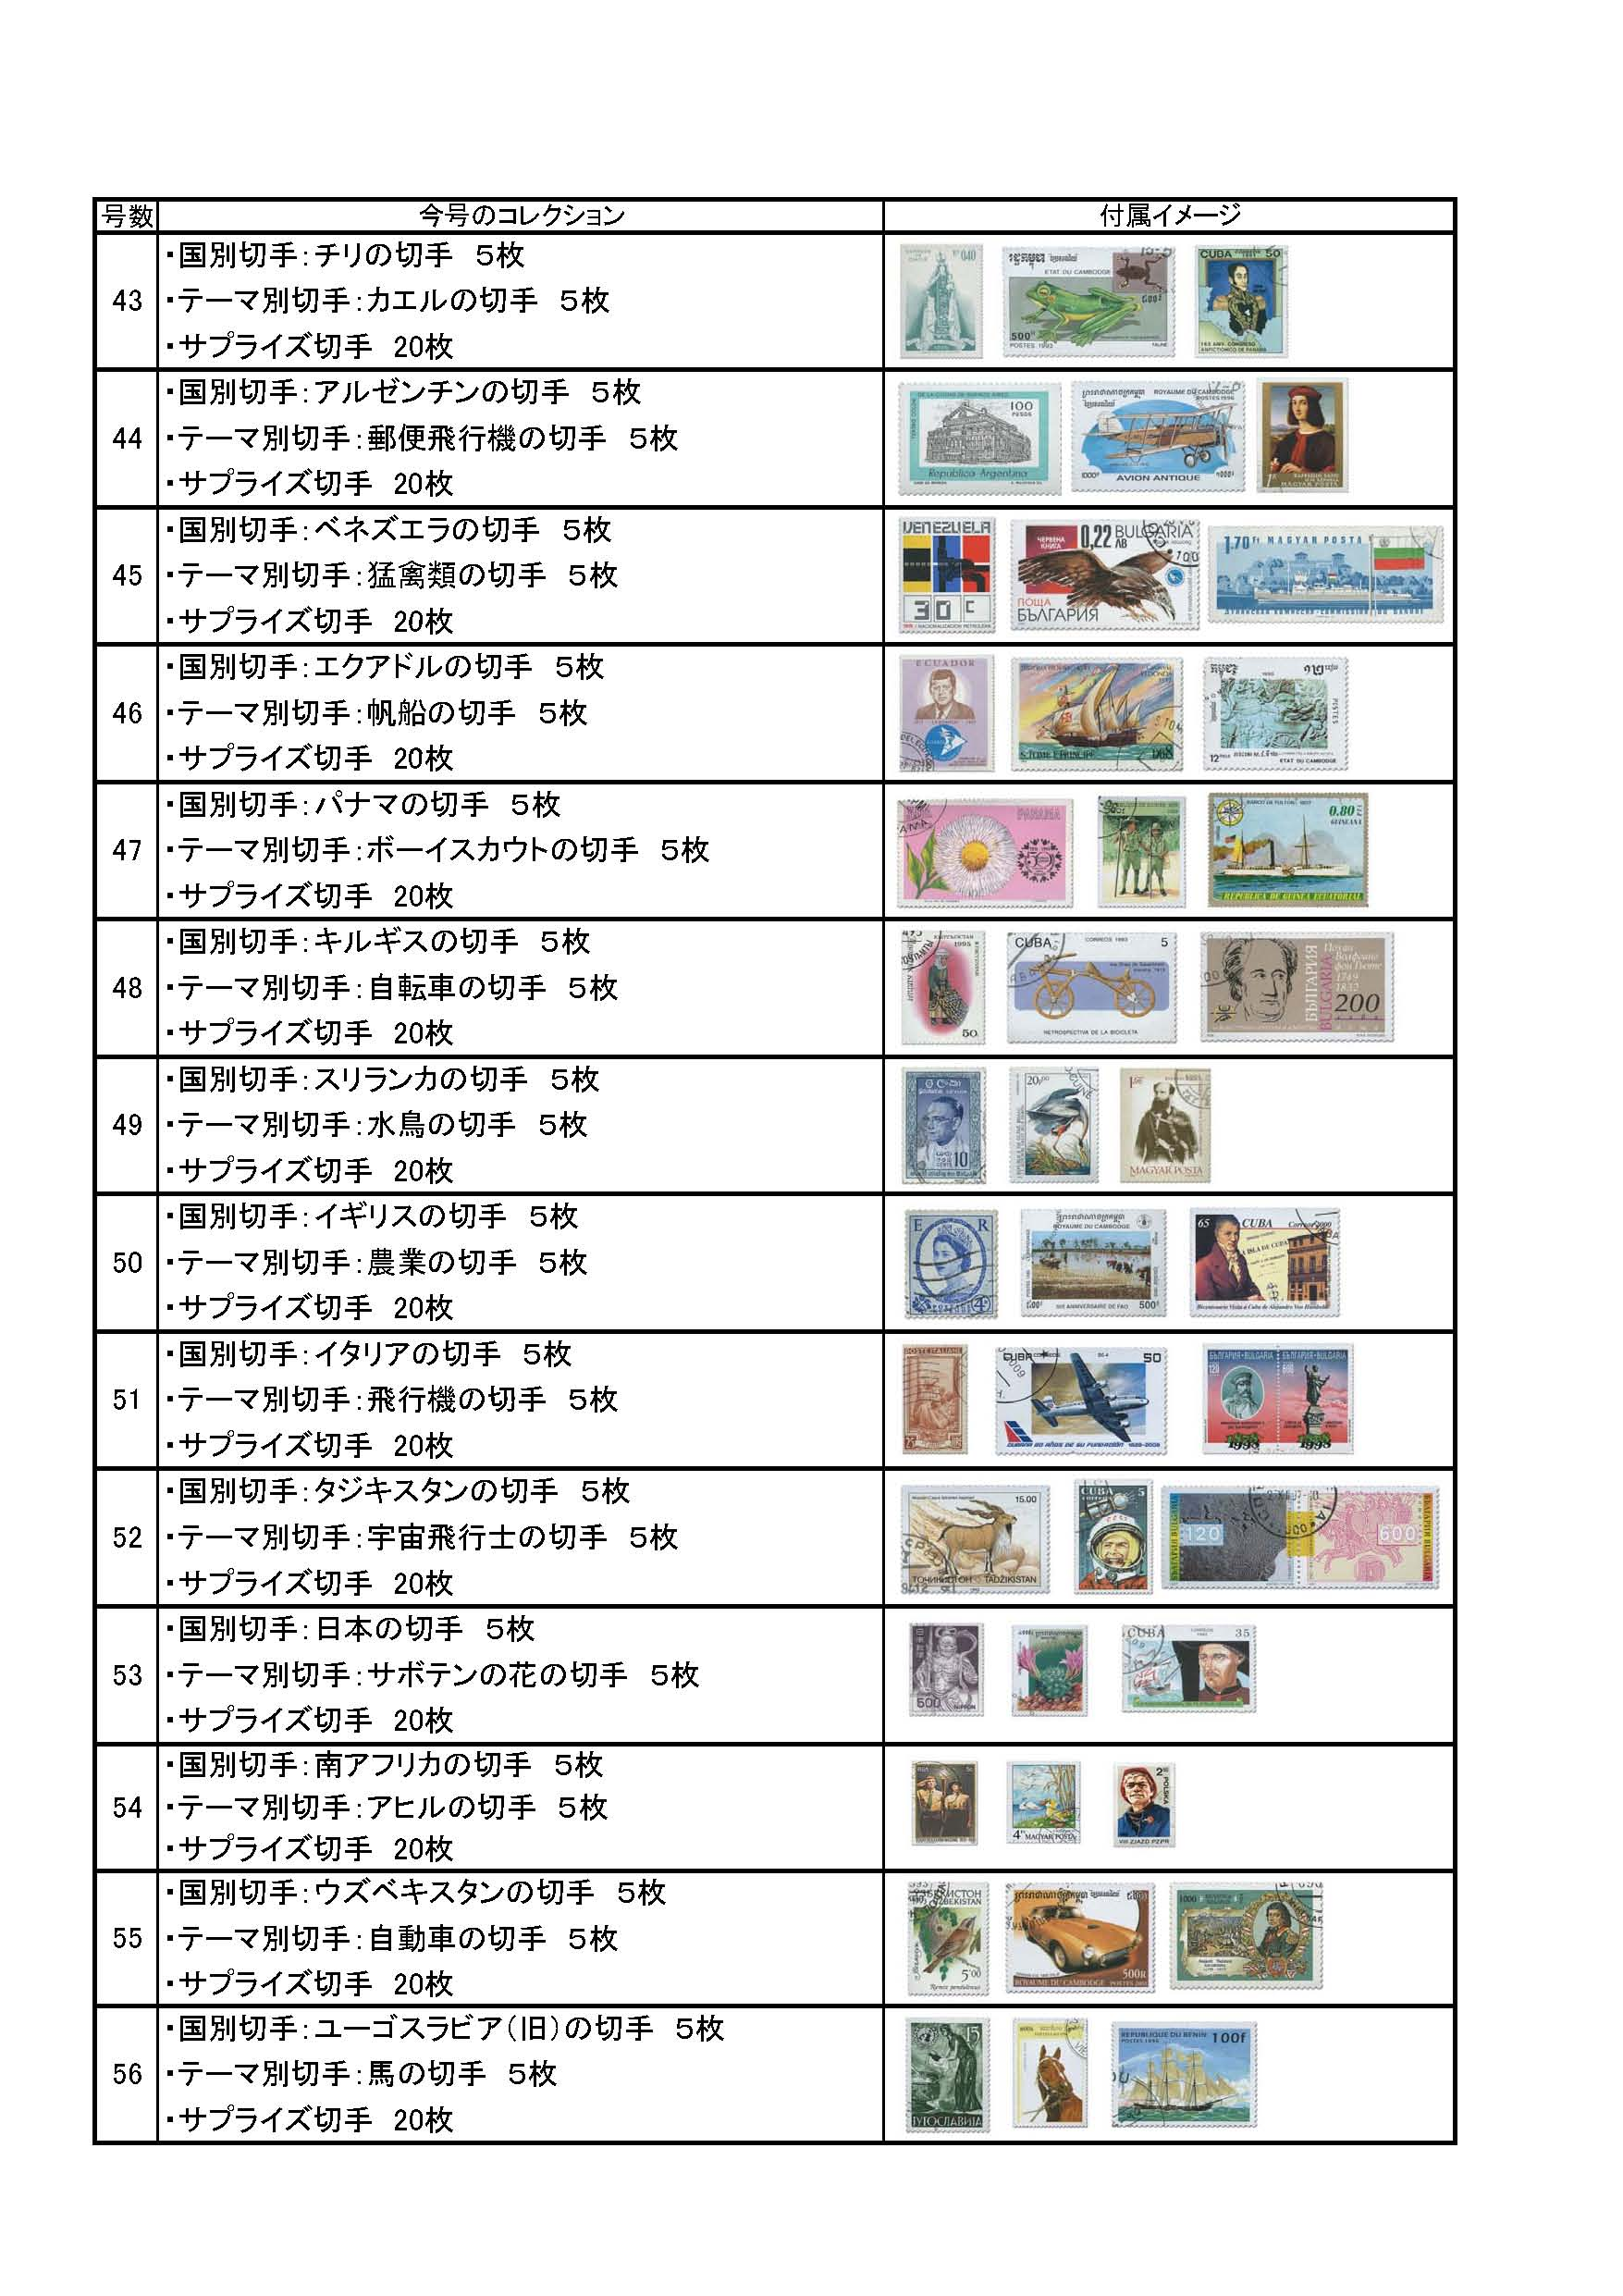 付属切手ラインナップ_20170817 (1)_ページ_04.jpg